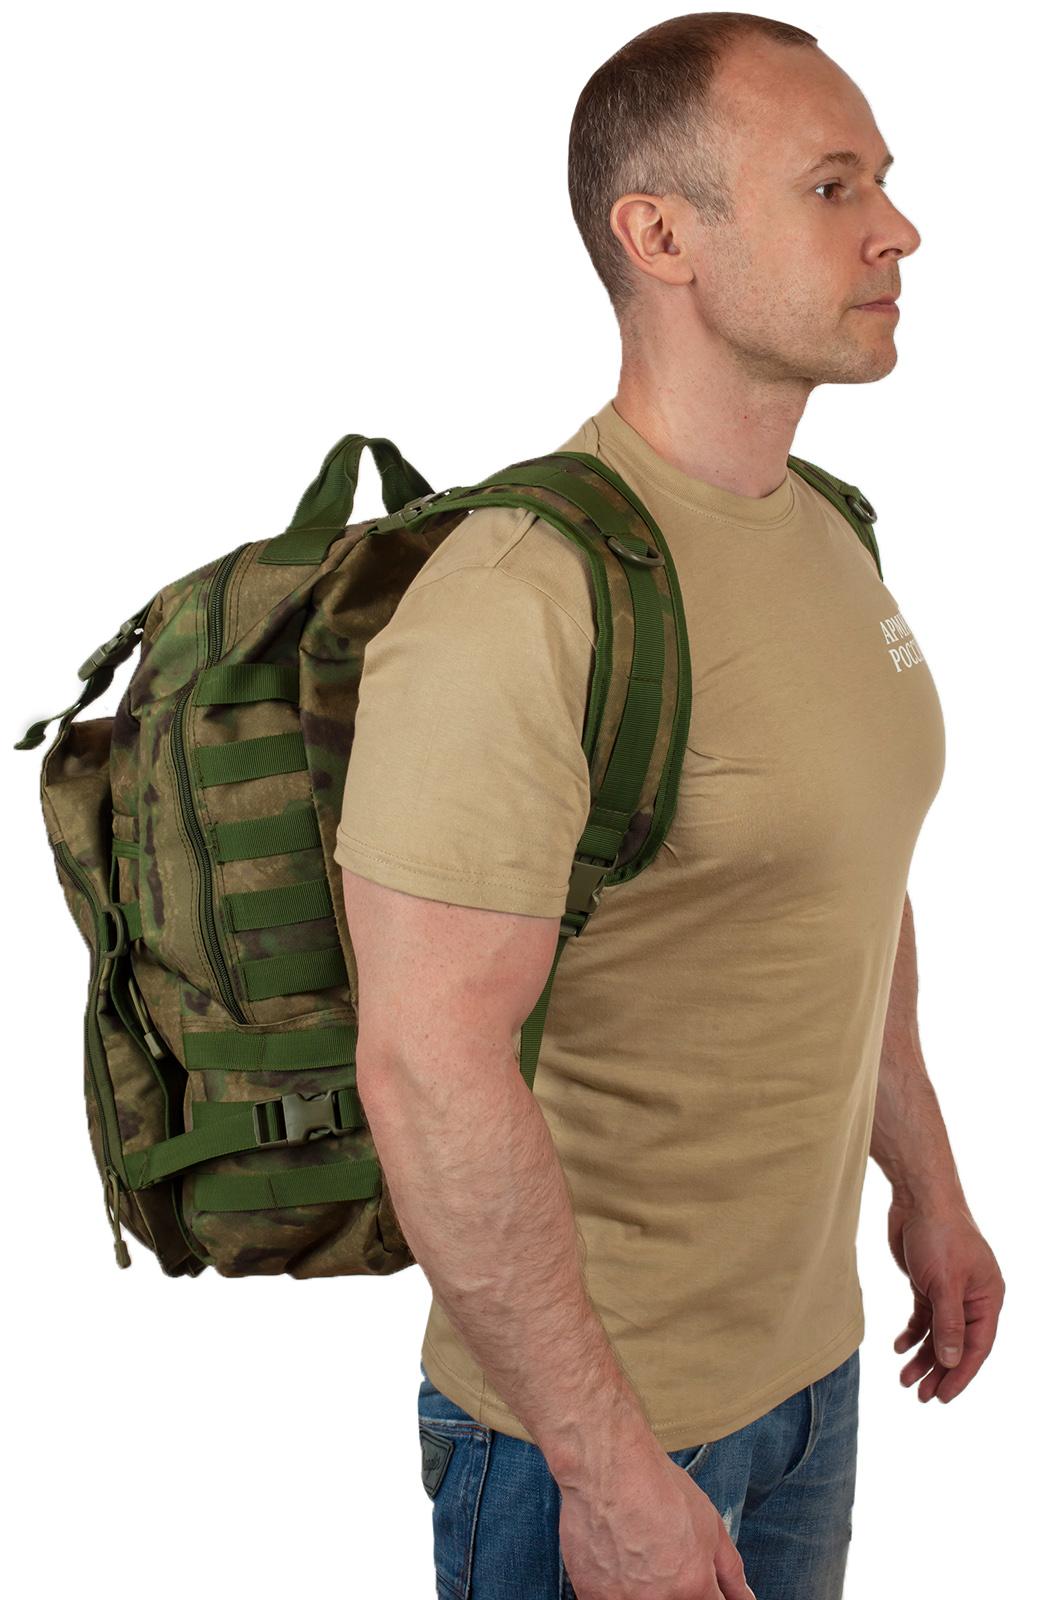 Военный камуфляжный рюкзак с нашивкой Пограничной службы - заказать в подарок